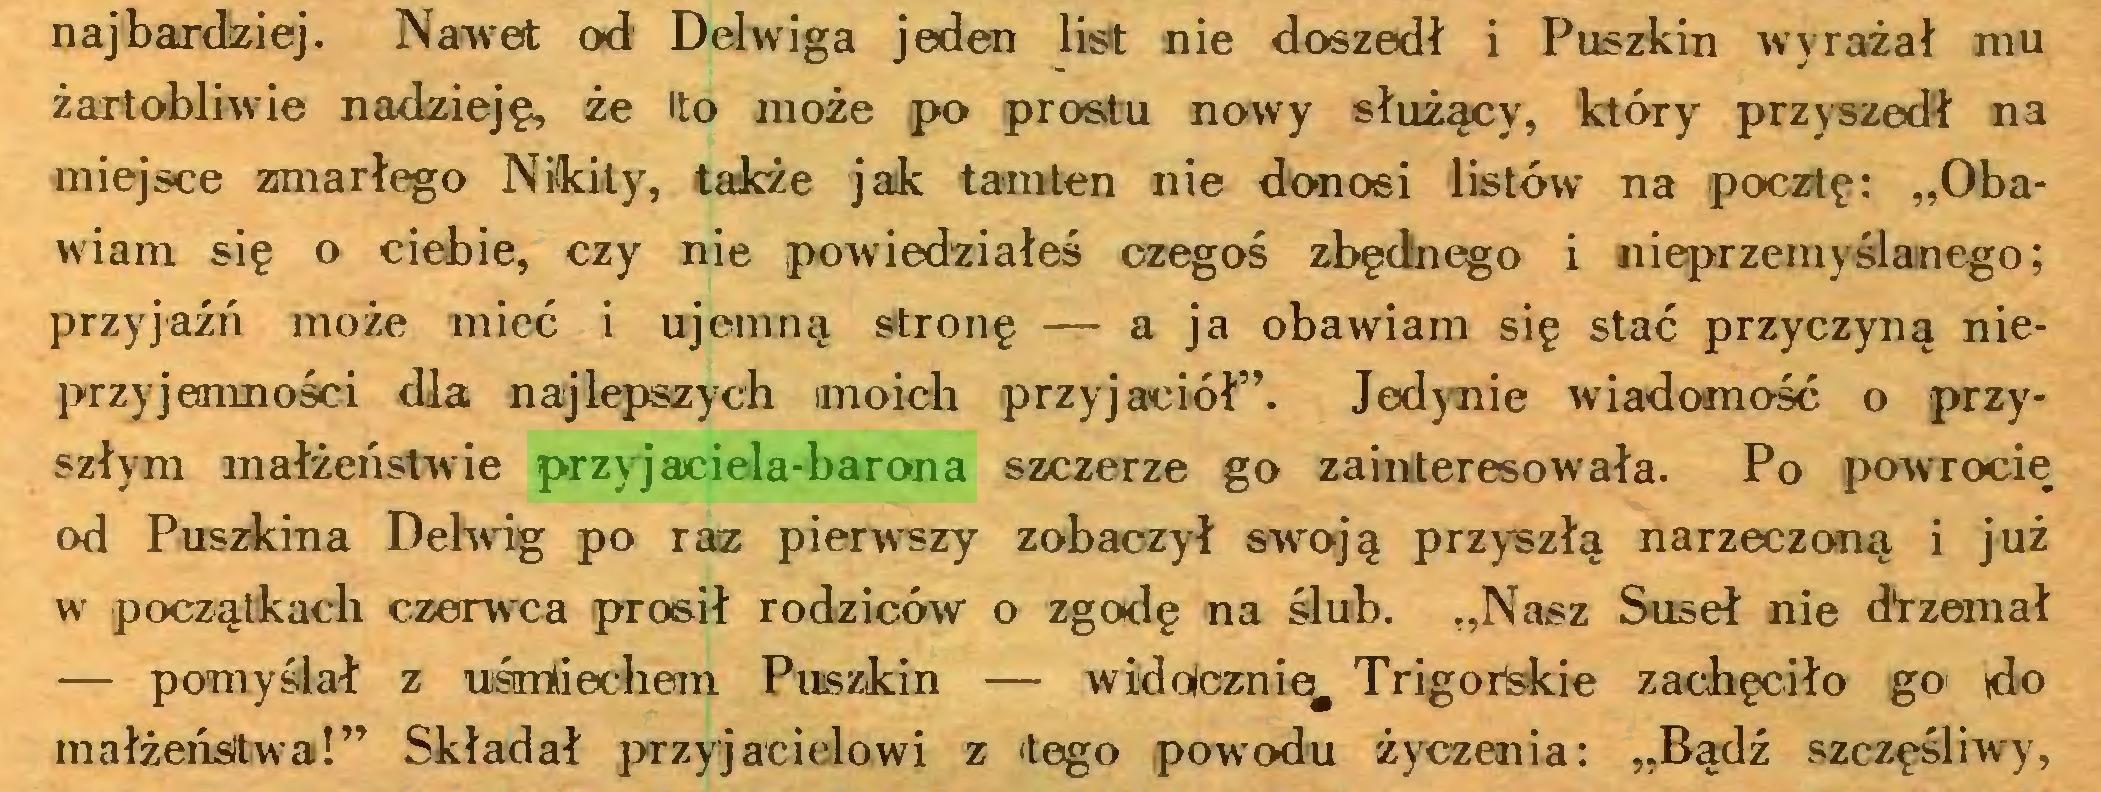 """(...) najbardziej. Nawet od' Delwiga jeden list nie doszedł i Puszkin wyrażał mu żartobliwie nadzieję, że to może po prostu nowy służący, który przyszedł na miejsce zmarłego Nikity, także jak tamten nie donosi listów na pocztę: """"Obawiam się o ciebie, czy nie powiedziałeś czegoś zbędnego i nieprzemyślanego; przyjaźń może mieć i ujemną stronę — a ja obawiam się stać przyczyną nieprzyjemności dla najlepszych moich przyjaciół"""". Jedynie wiadomość o przyszłym małżeństwie przyjaciela-barona szczerze go zainteresowała. Po powrocie od Puszkina Delwig po raz pierwszy zobaczył swoją przyszłą narzeczoną i już w początkach czerwca prosił rodziców o zgodę na ślub. """"Nasz Suseł nie dtzemał — pomyślał z uśmiechem Puszkin — widołcznie^ Trigorlskie zachęciło go do małżeństwa!"""" Składał przyjacielowi z tego powodu życzenia: """"Bądź szczęśliwy,..."""